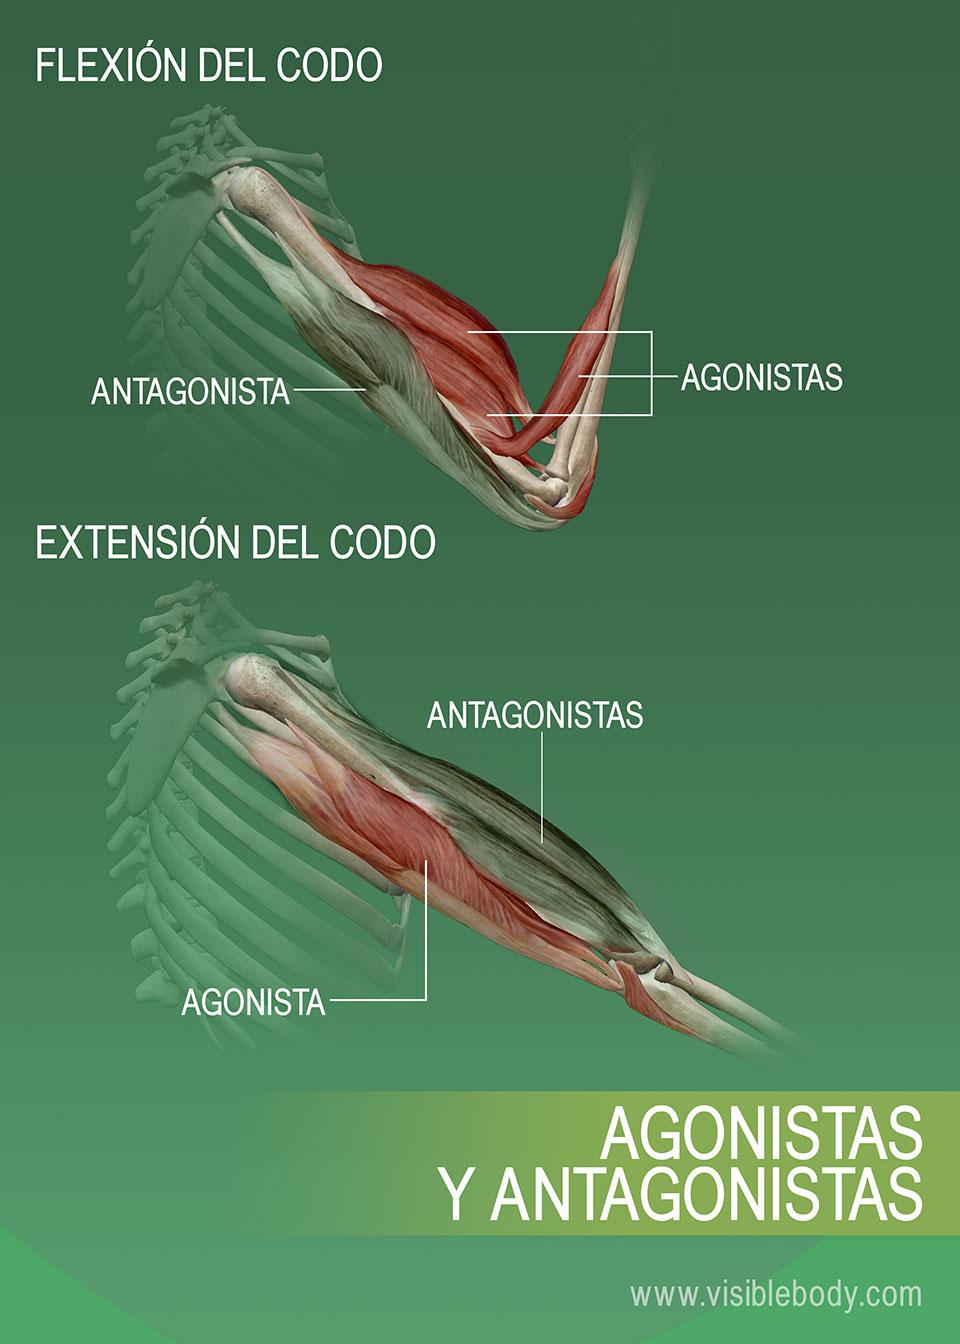 Agonistas, antagonistas y sinérgicos de los músculos